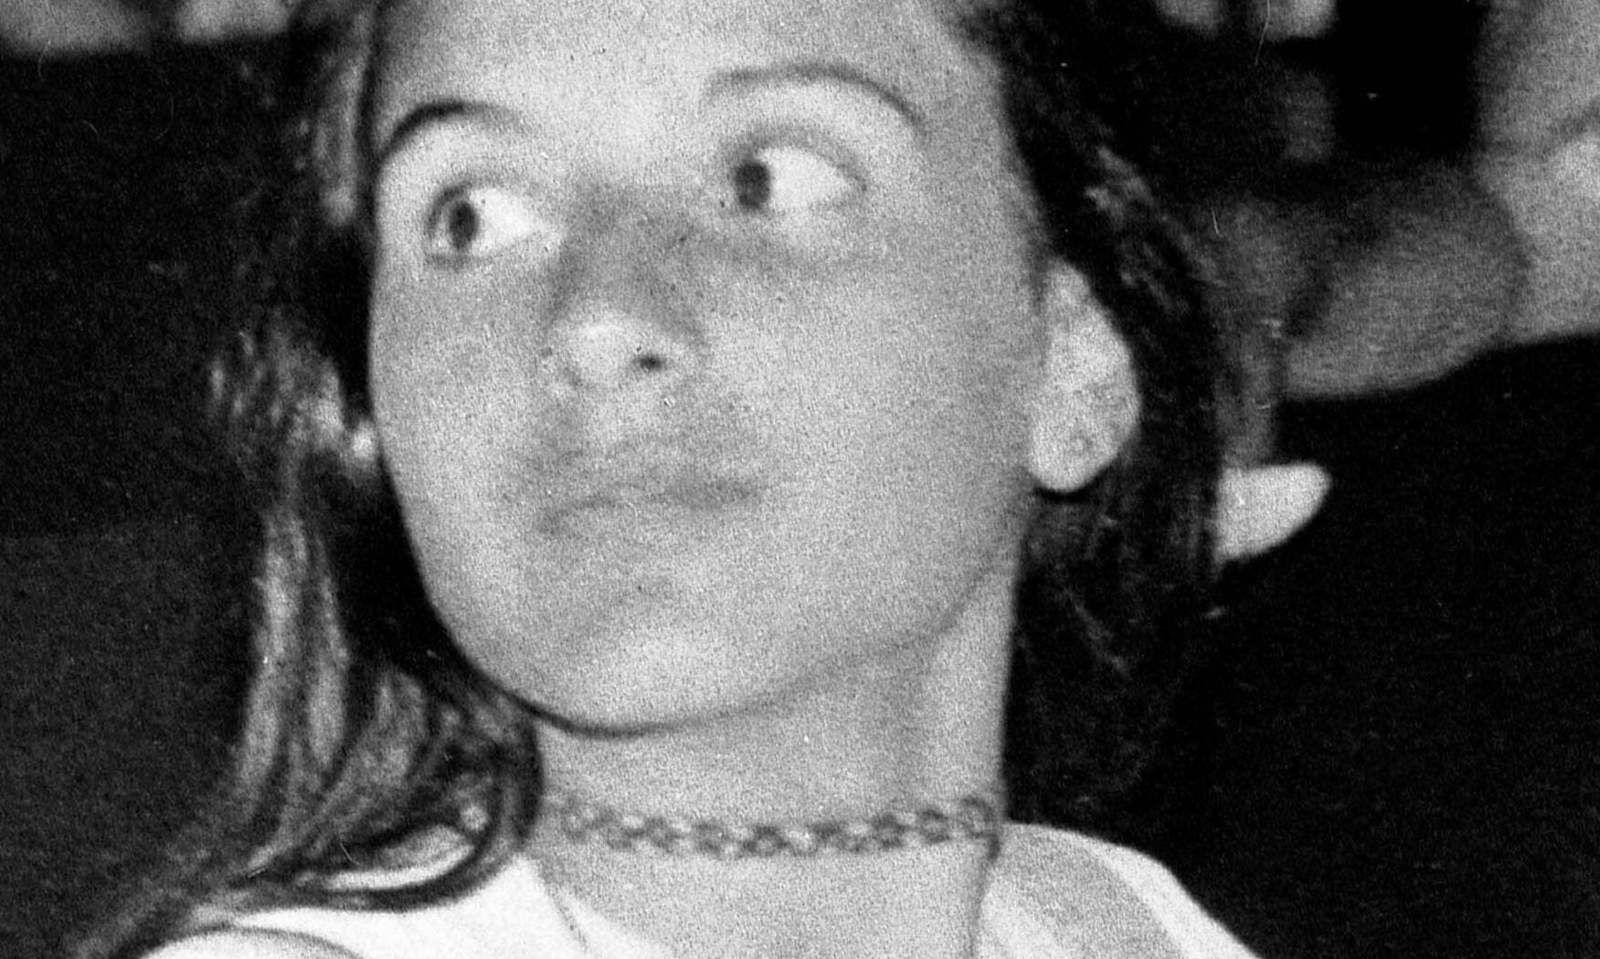 Ромд 36 жилийн өмнө сураггүй болсон охины мөрөөр ажиллаж буй хүмүүс хоёр хүний араг яс олжээ